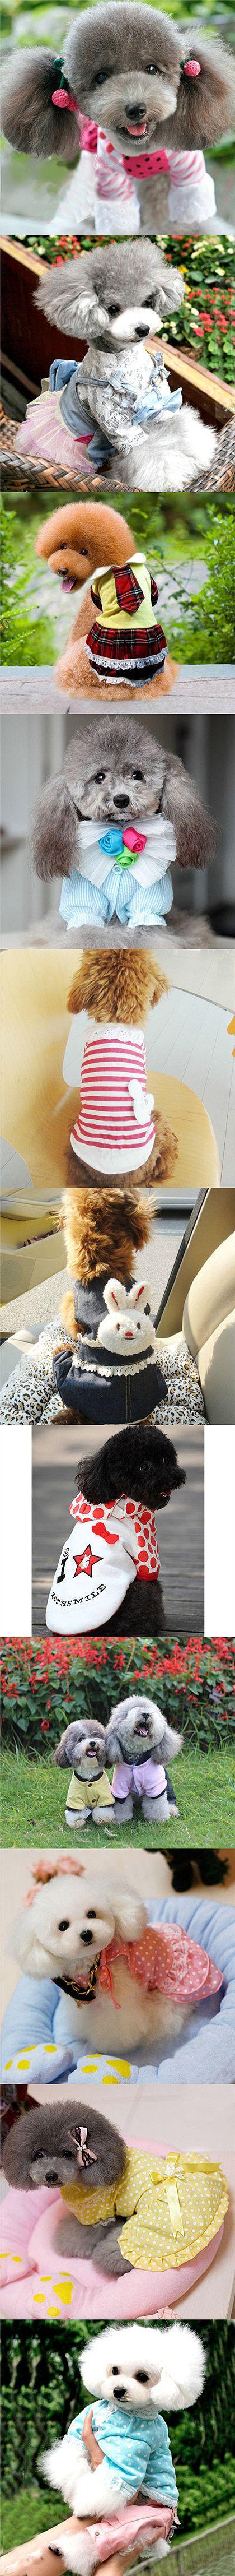 Adorable Pets<3